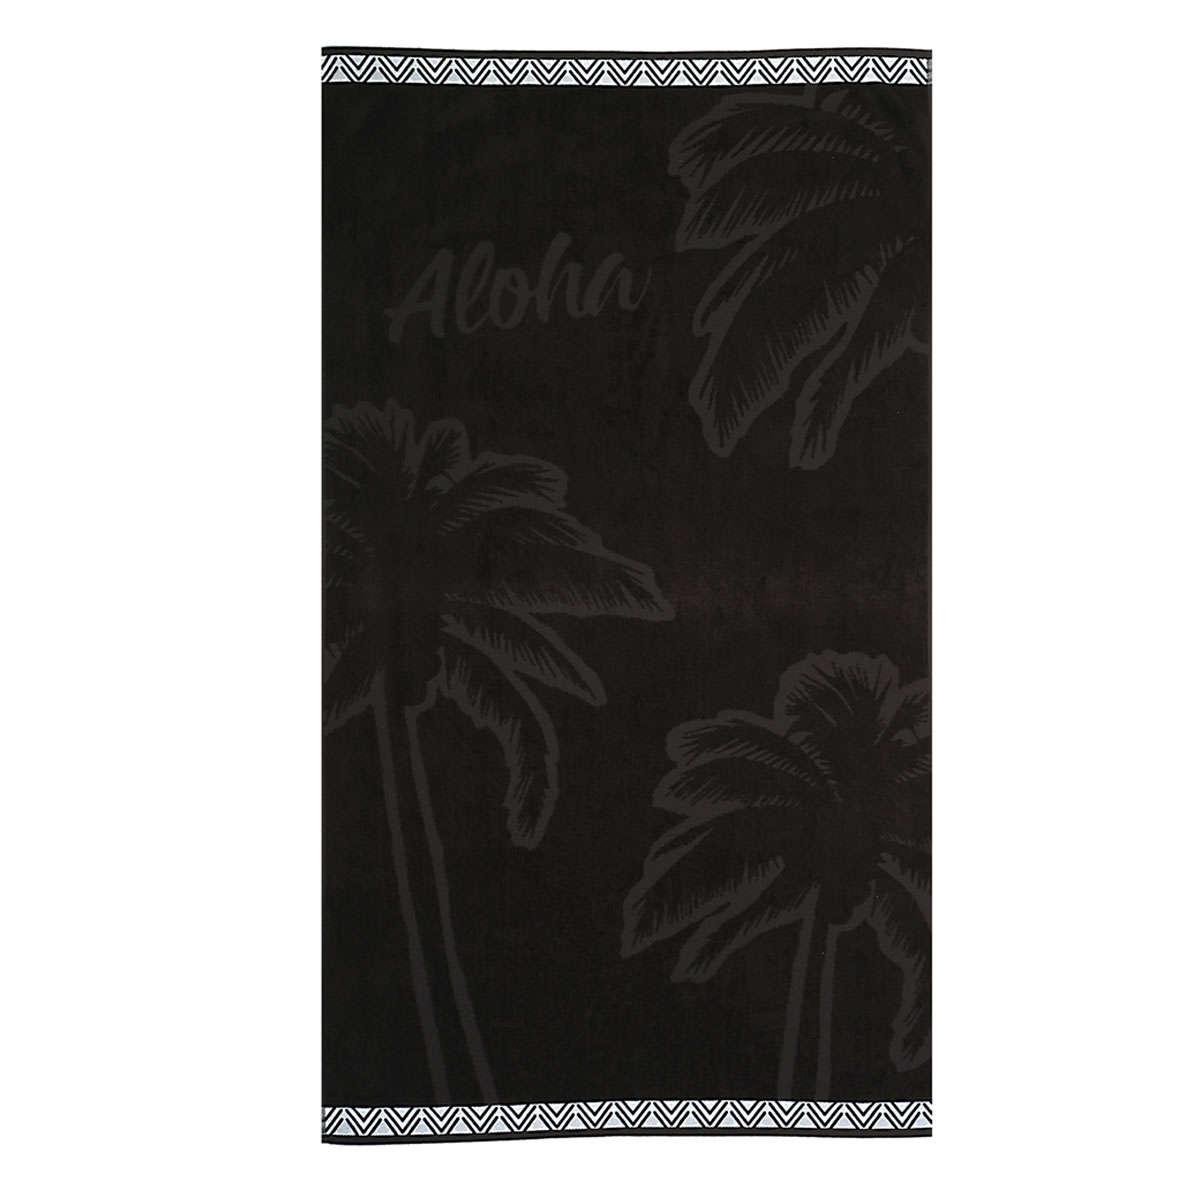 Πετσέτα Θαλάσσης Aloha Black Nef-Nef Θαλάσσης 80x160cm